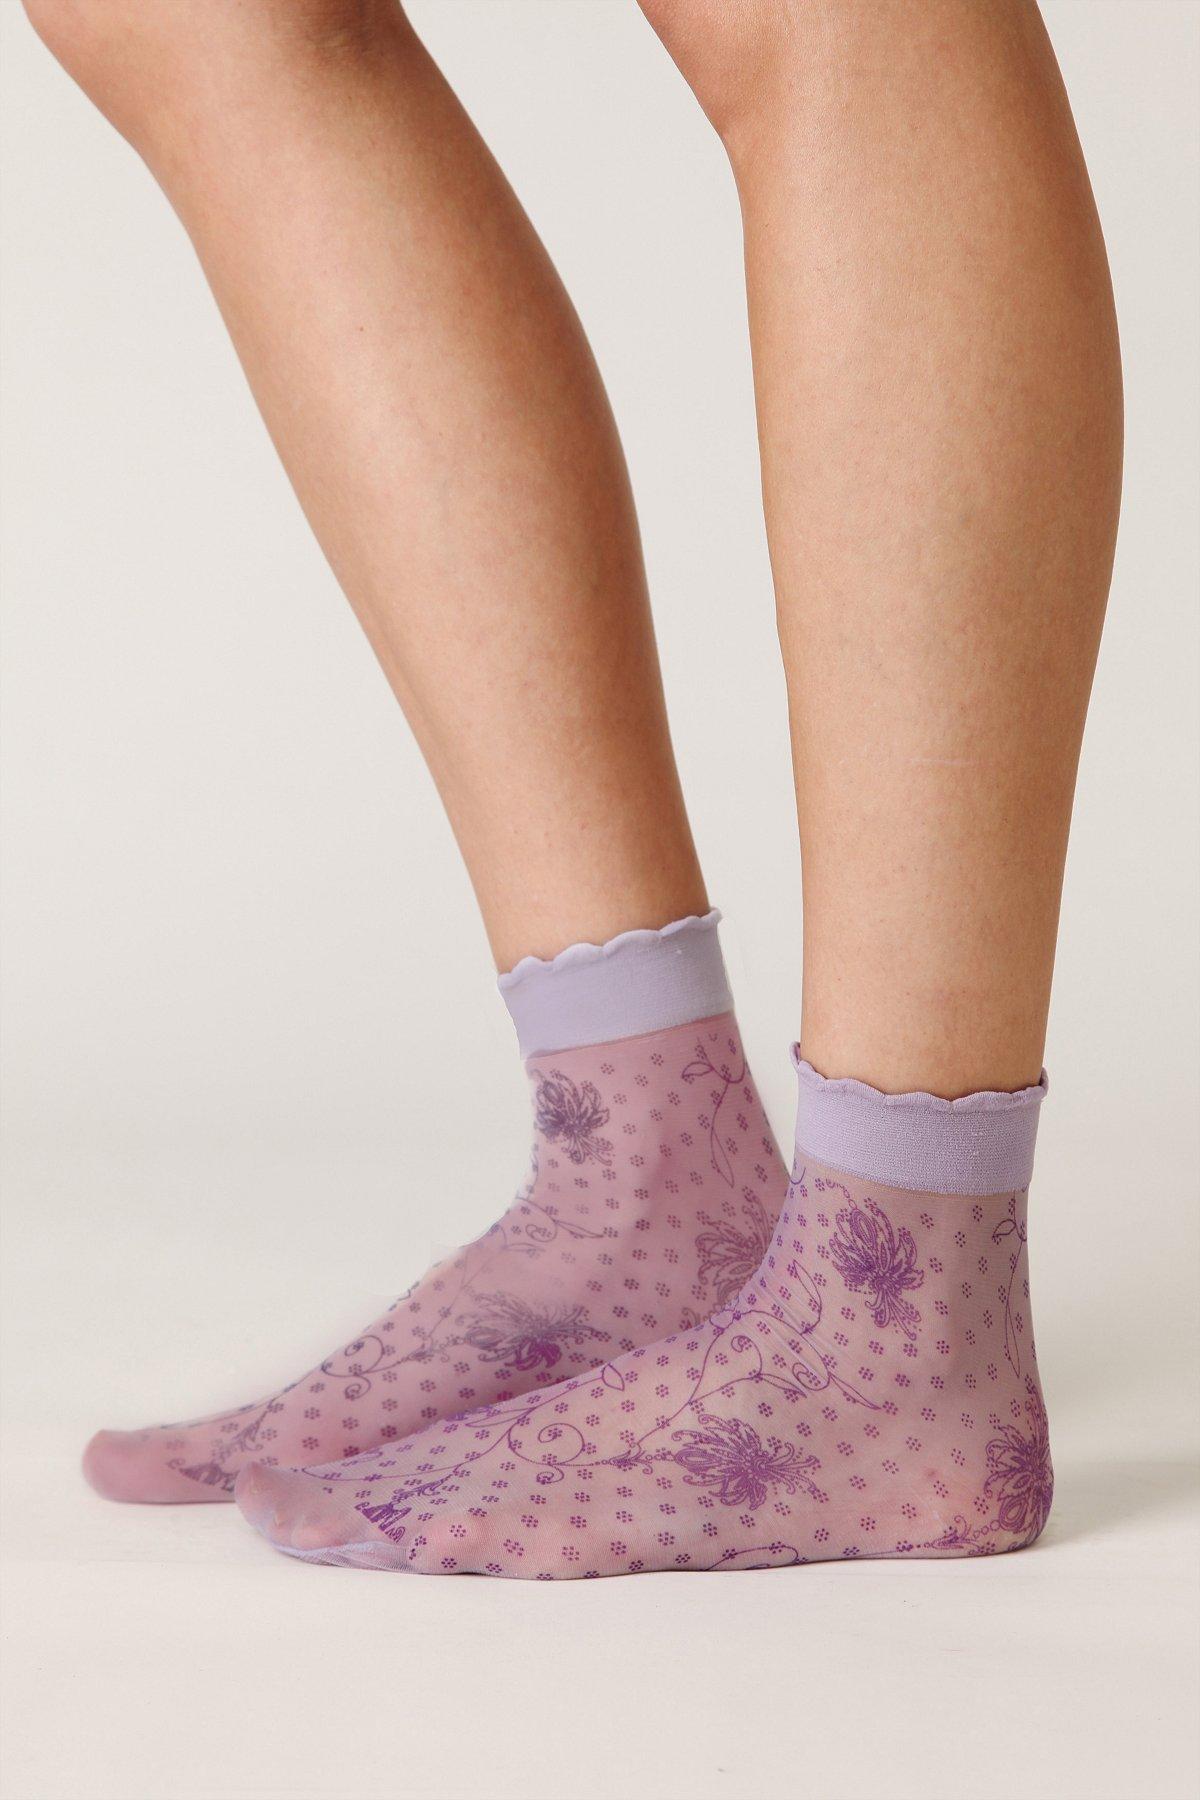 Swirl Sheer Anklet